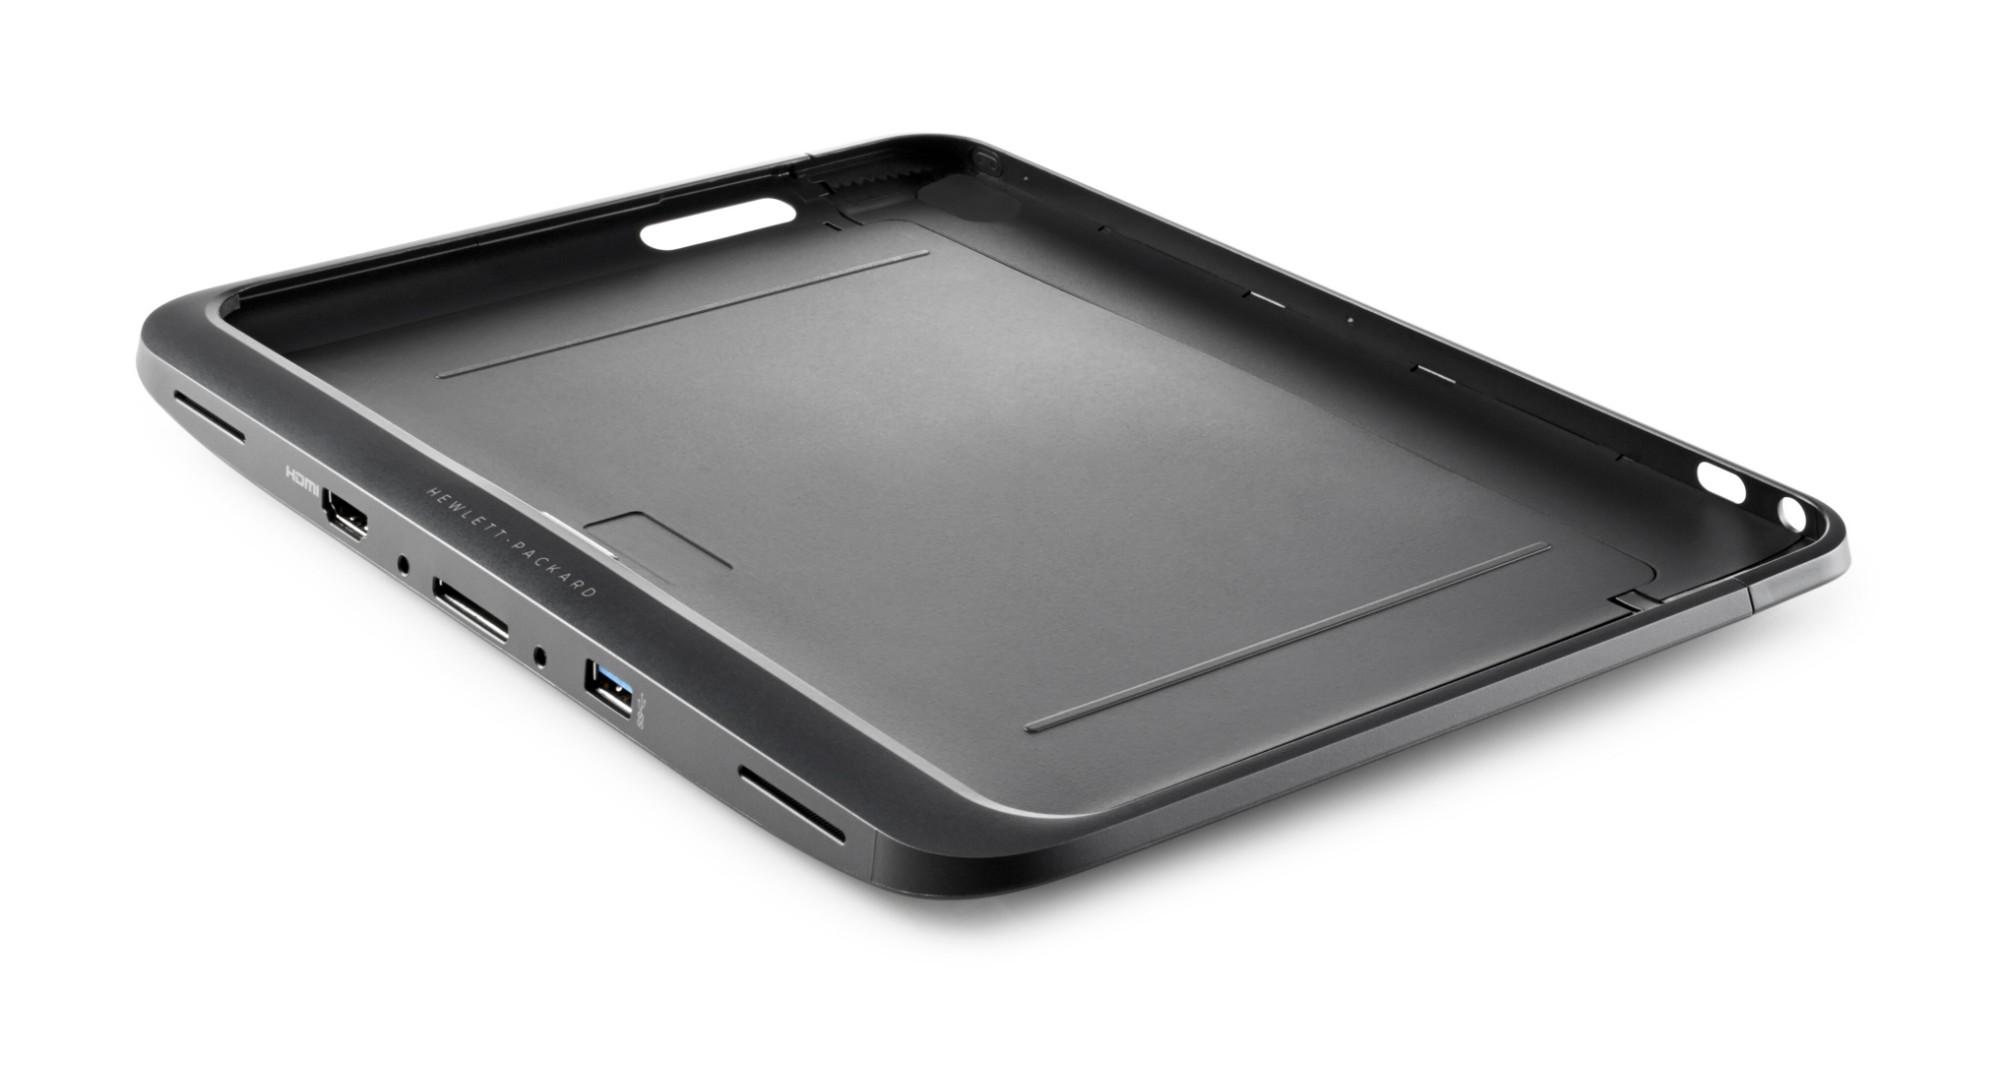 HP ElitePad Security Jacket met SmartCard- en vingerafdruklezers